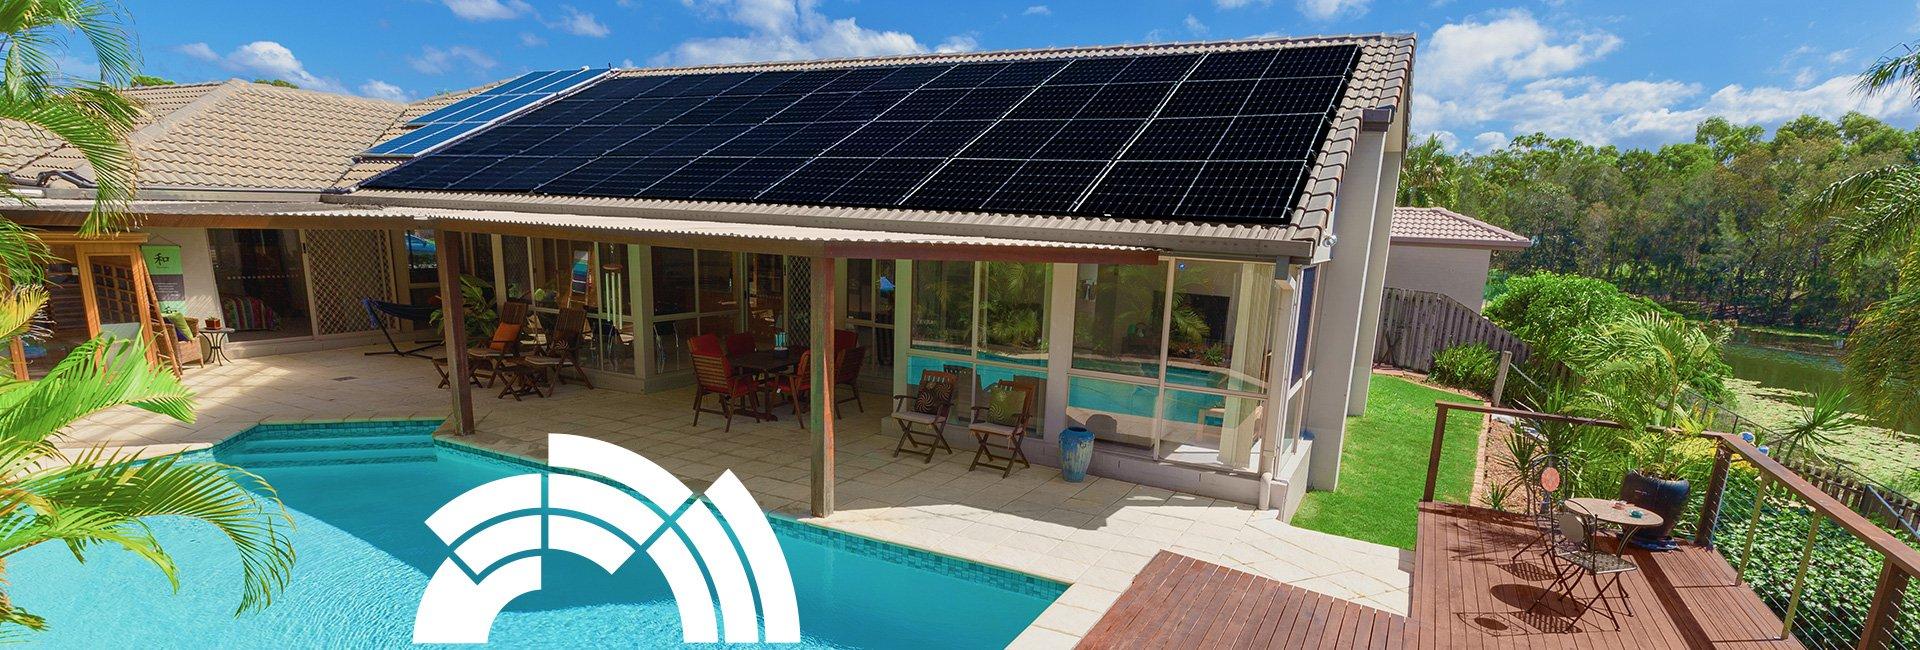 referenze,installazione impianti fotovoltaici,impianti fotovoltaici svizzera,impianti fotovoltaici ticino